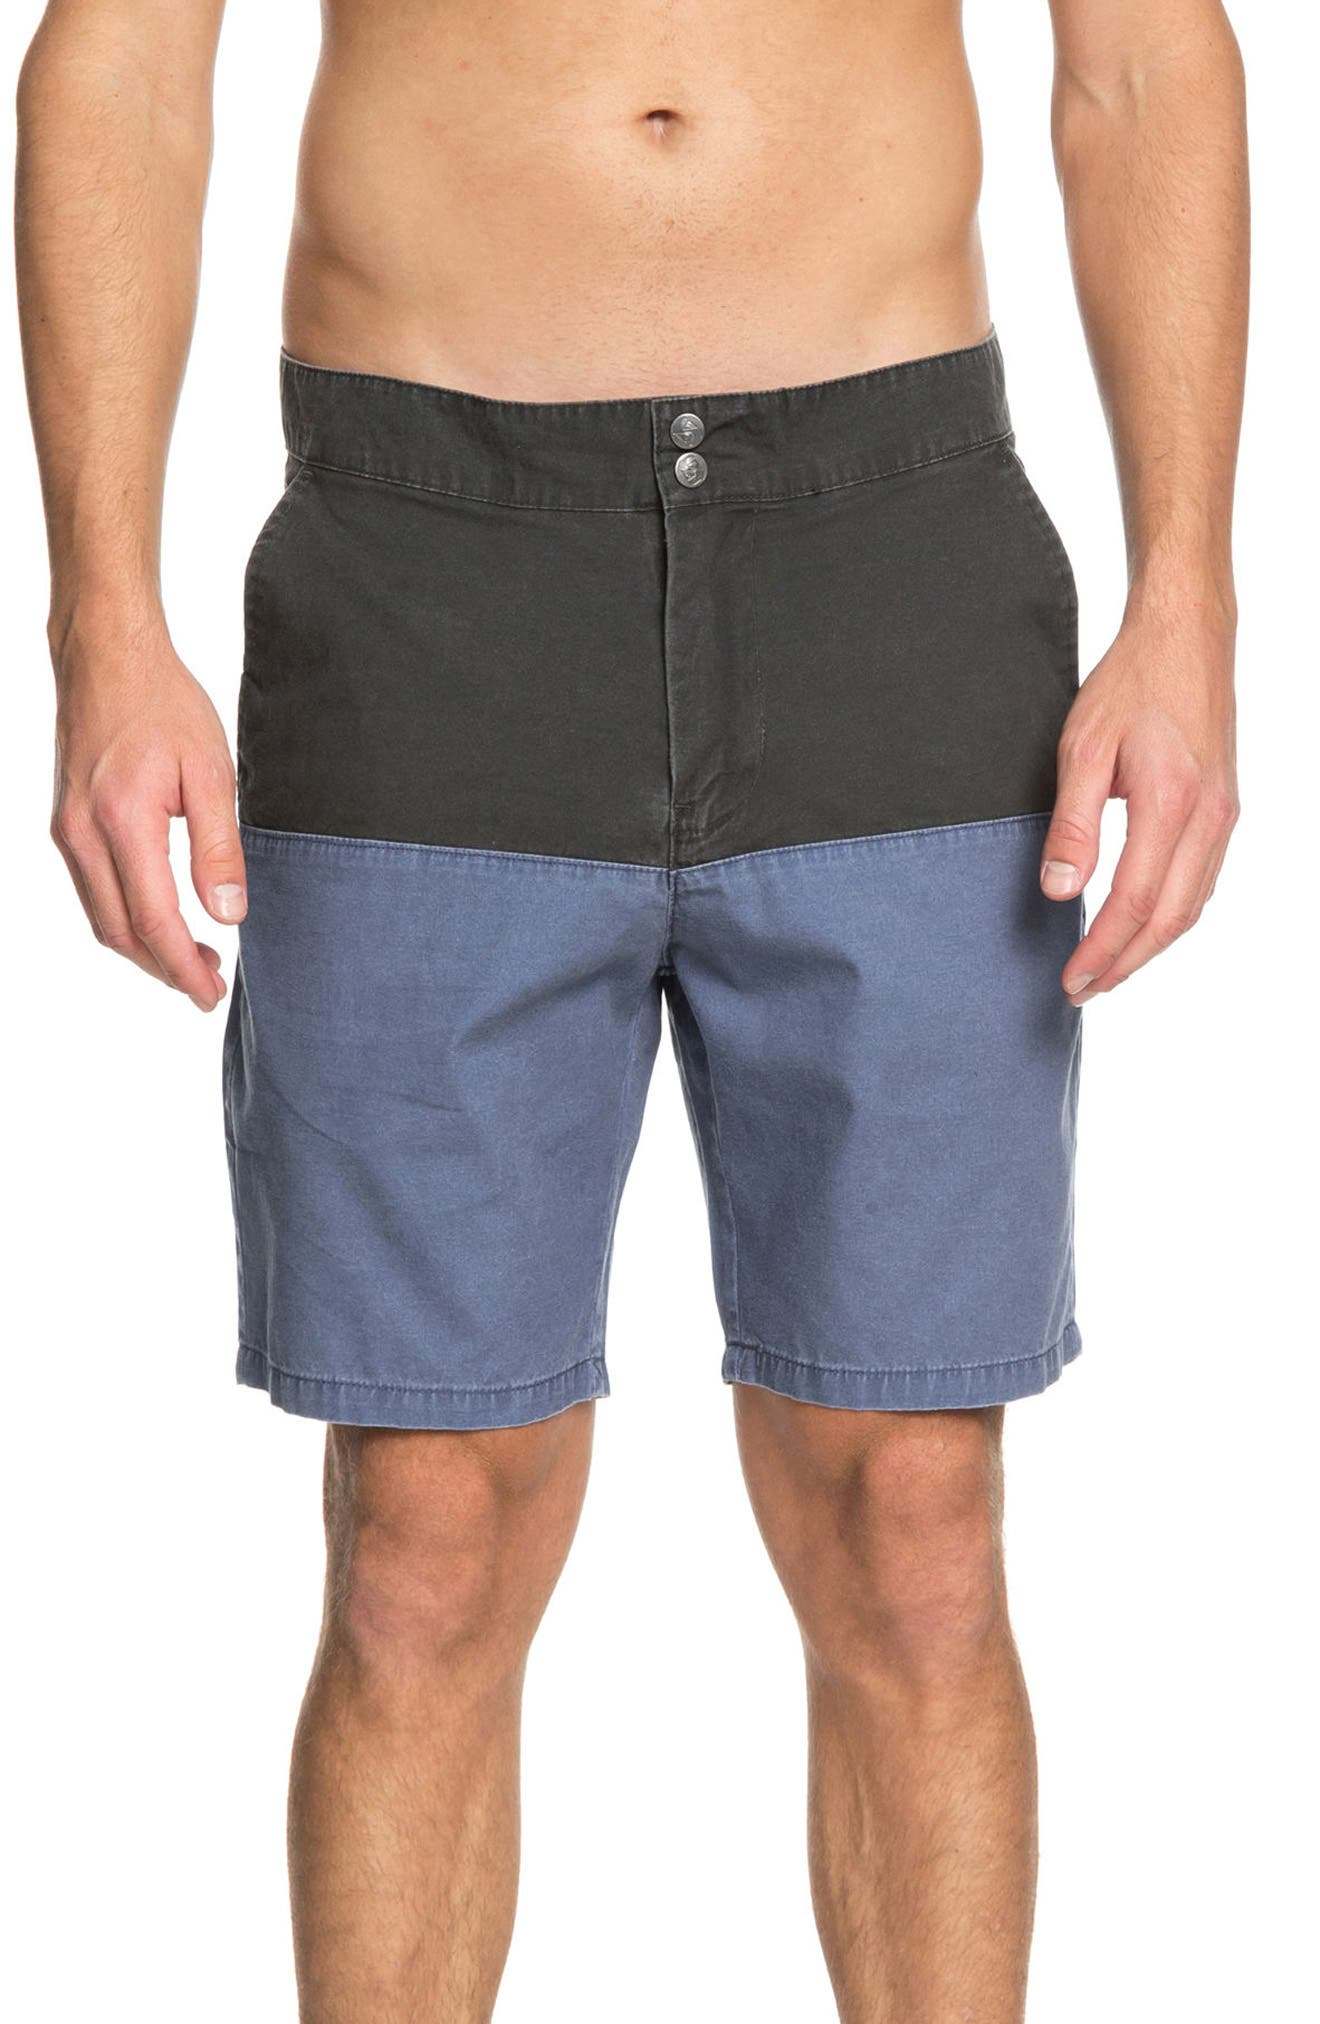 Mad Wax Block Shorts,                             Main thumbnail 1, color,                             Tarmac